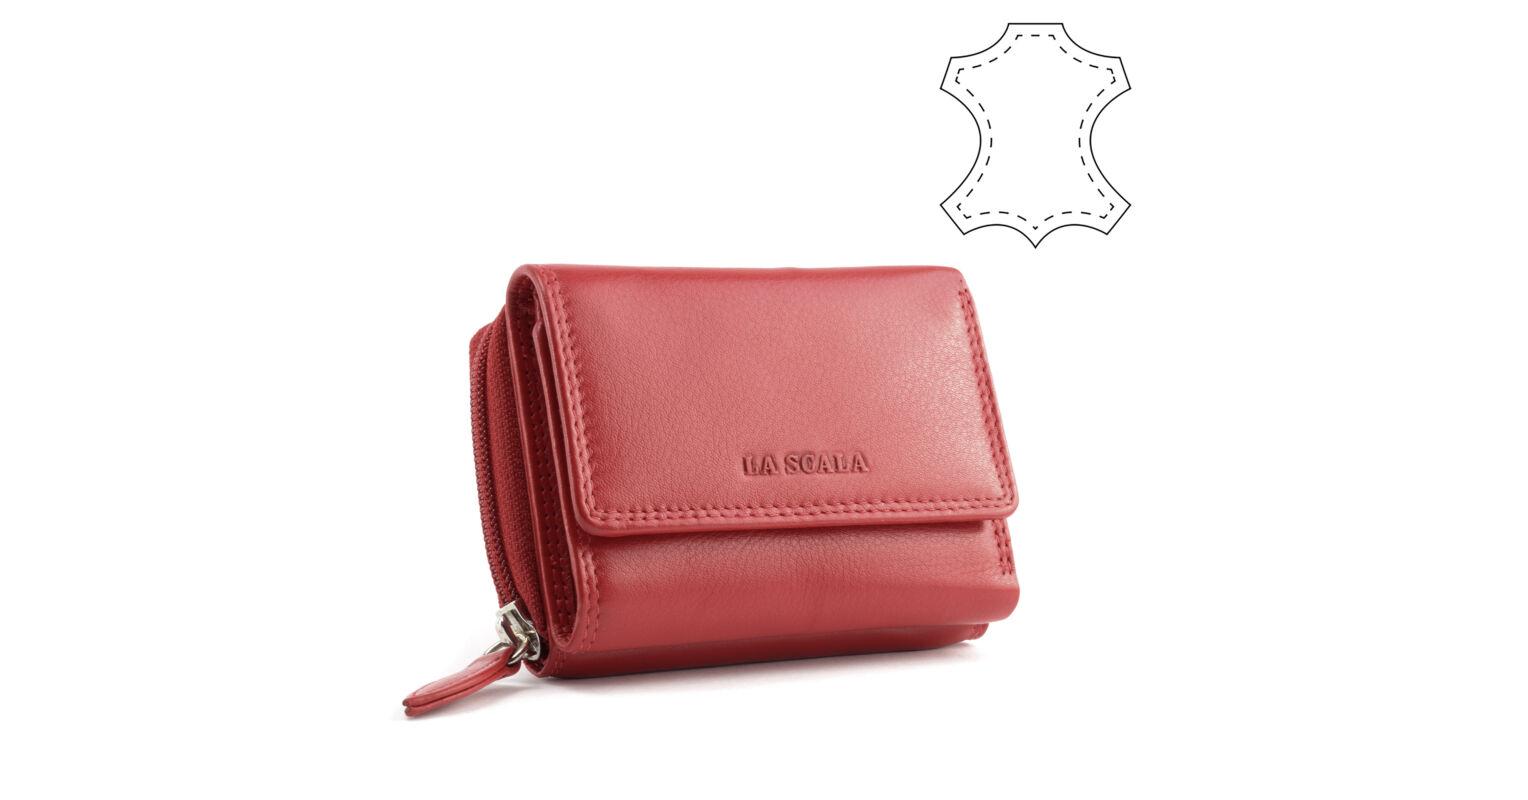 60f4519cfe9d La Scala női bordó bőr pénztárca - NŐI PÉNZTÁRCÁK - Táska webáruház -  Minőségi táskák mindenkinek